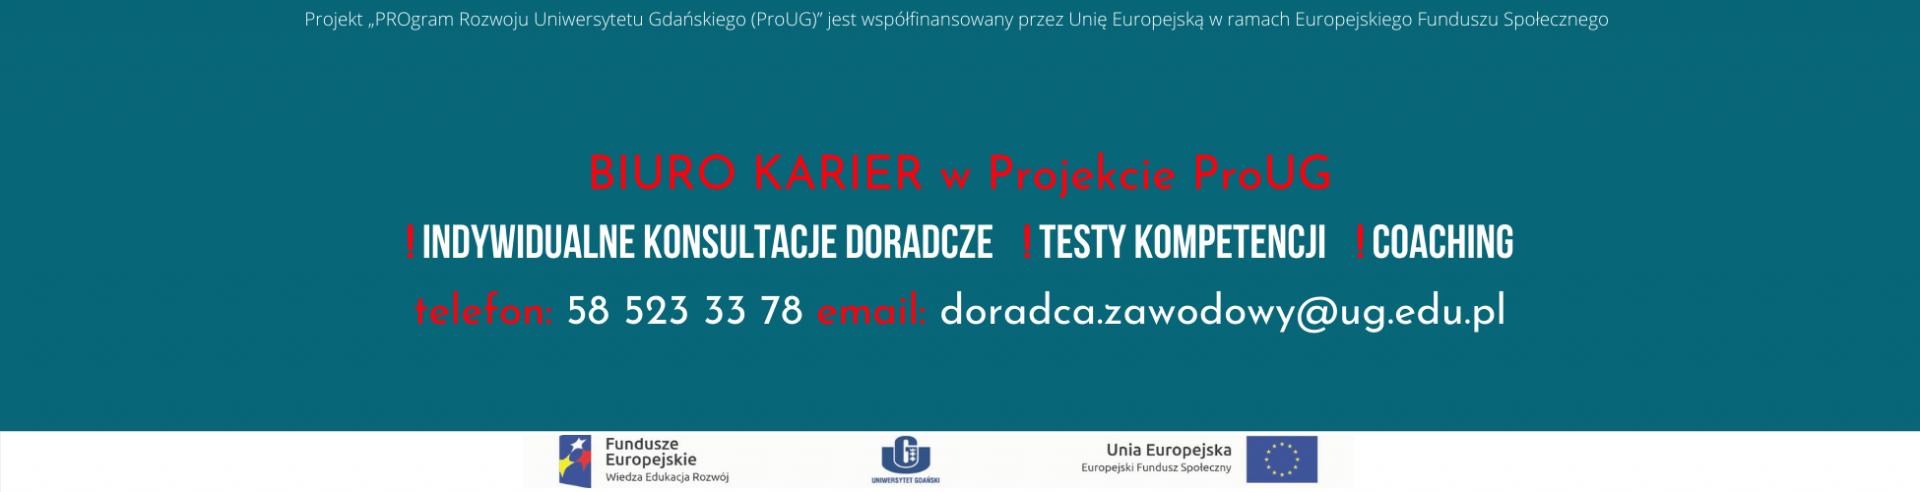 Zaproszenie studentów do udziału w projekcie ProUG